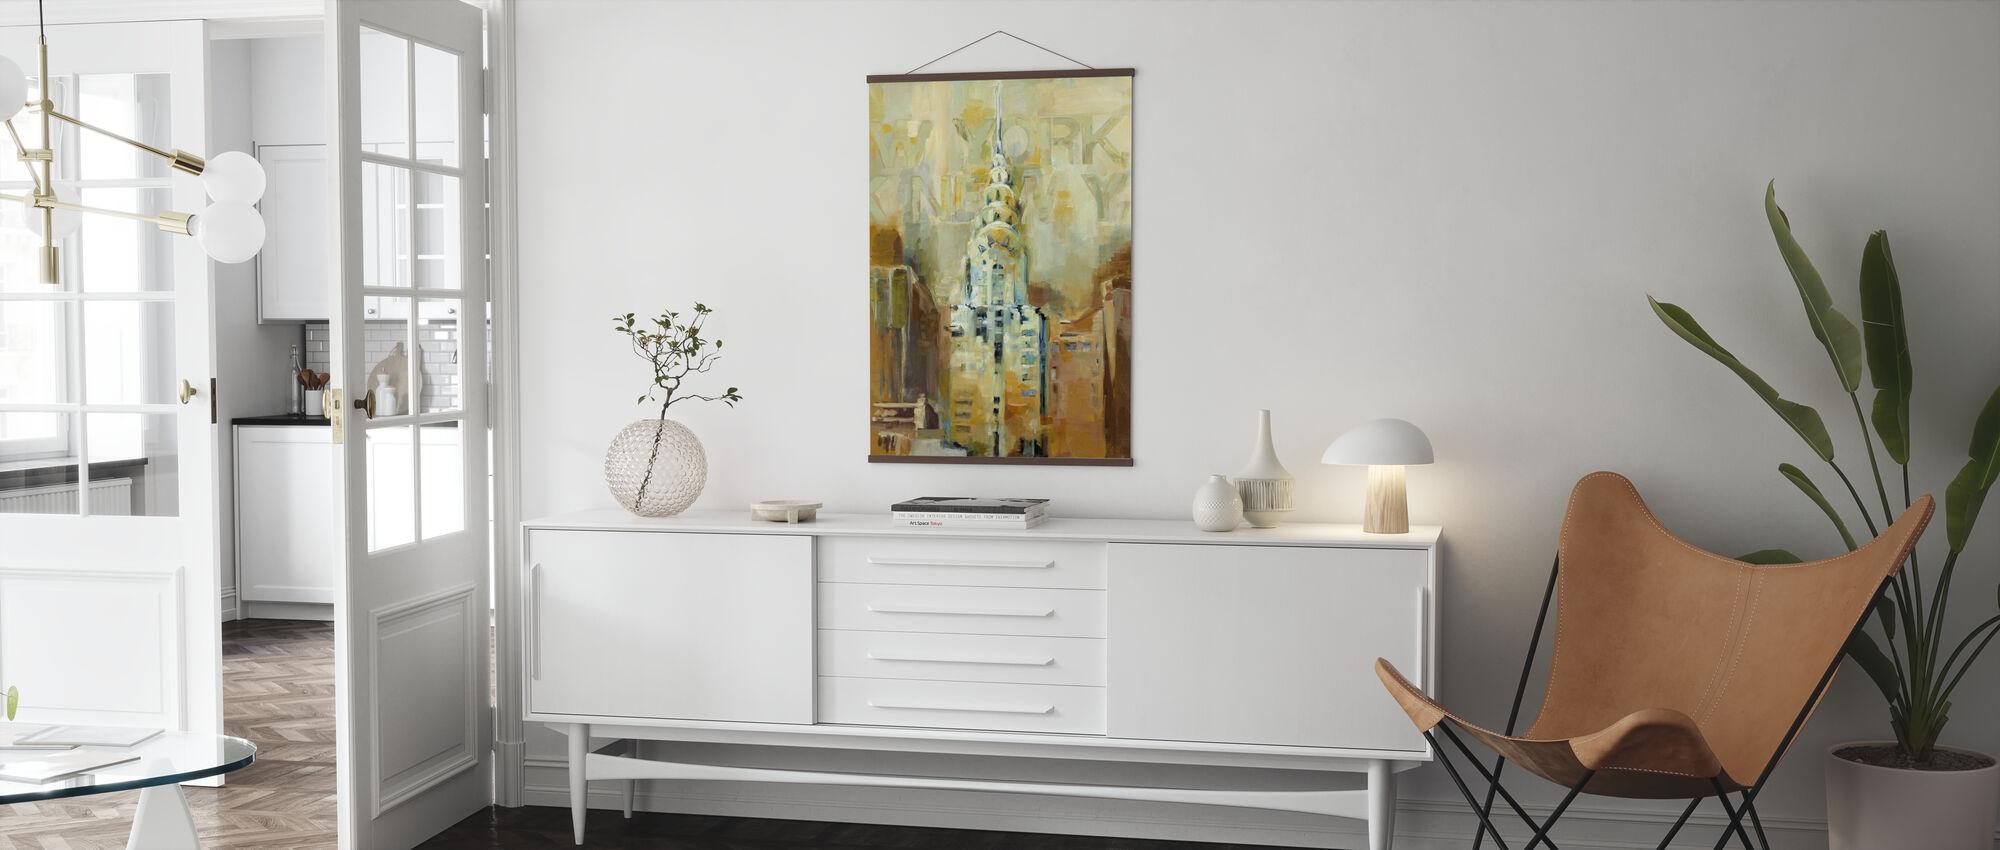 The Chrysler Building - Poster - Living Room